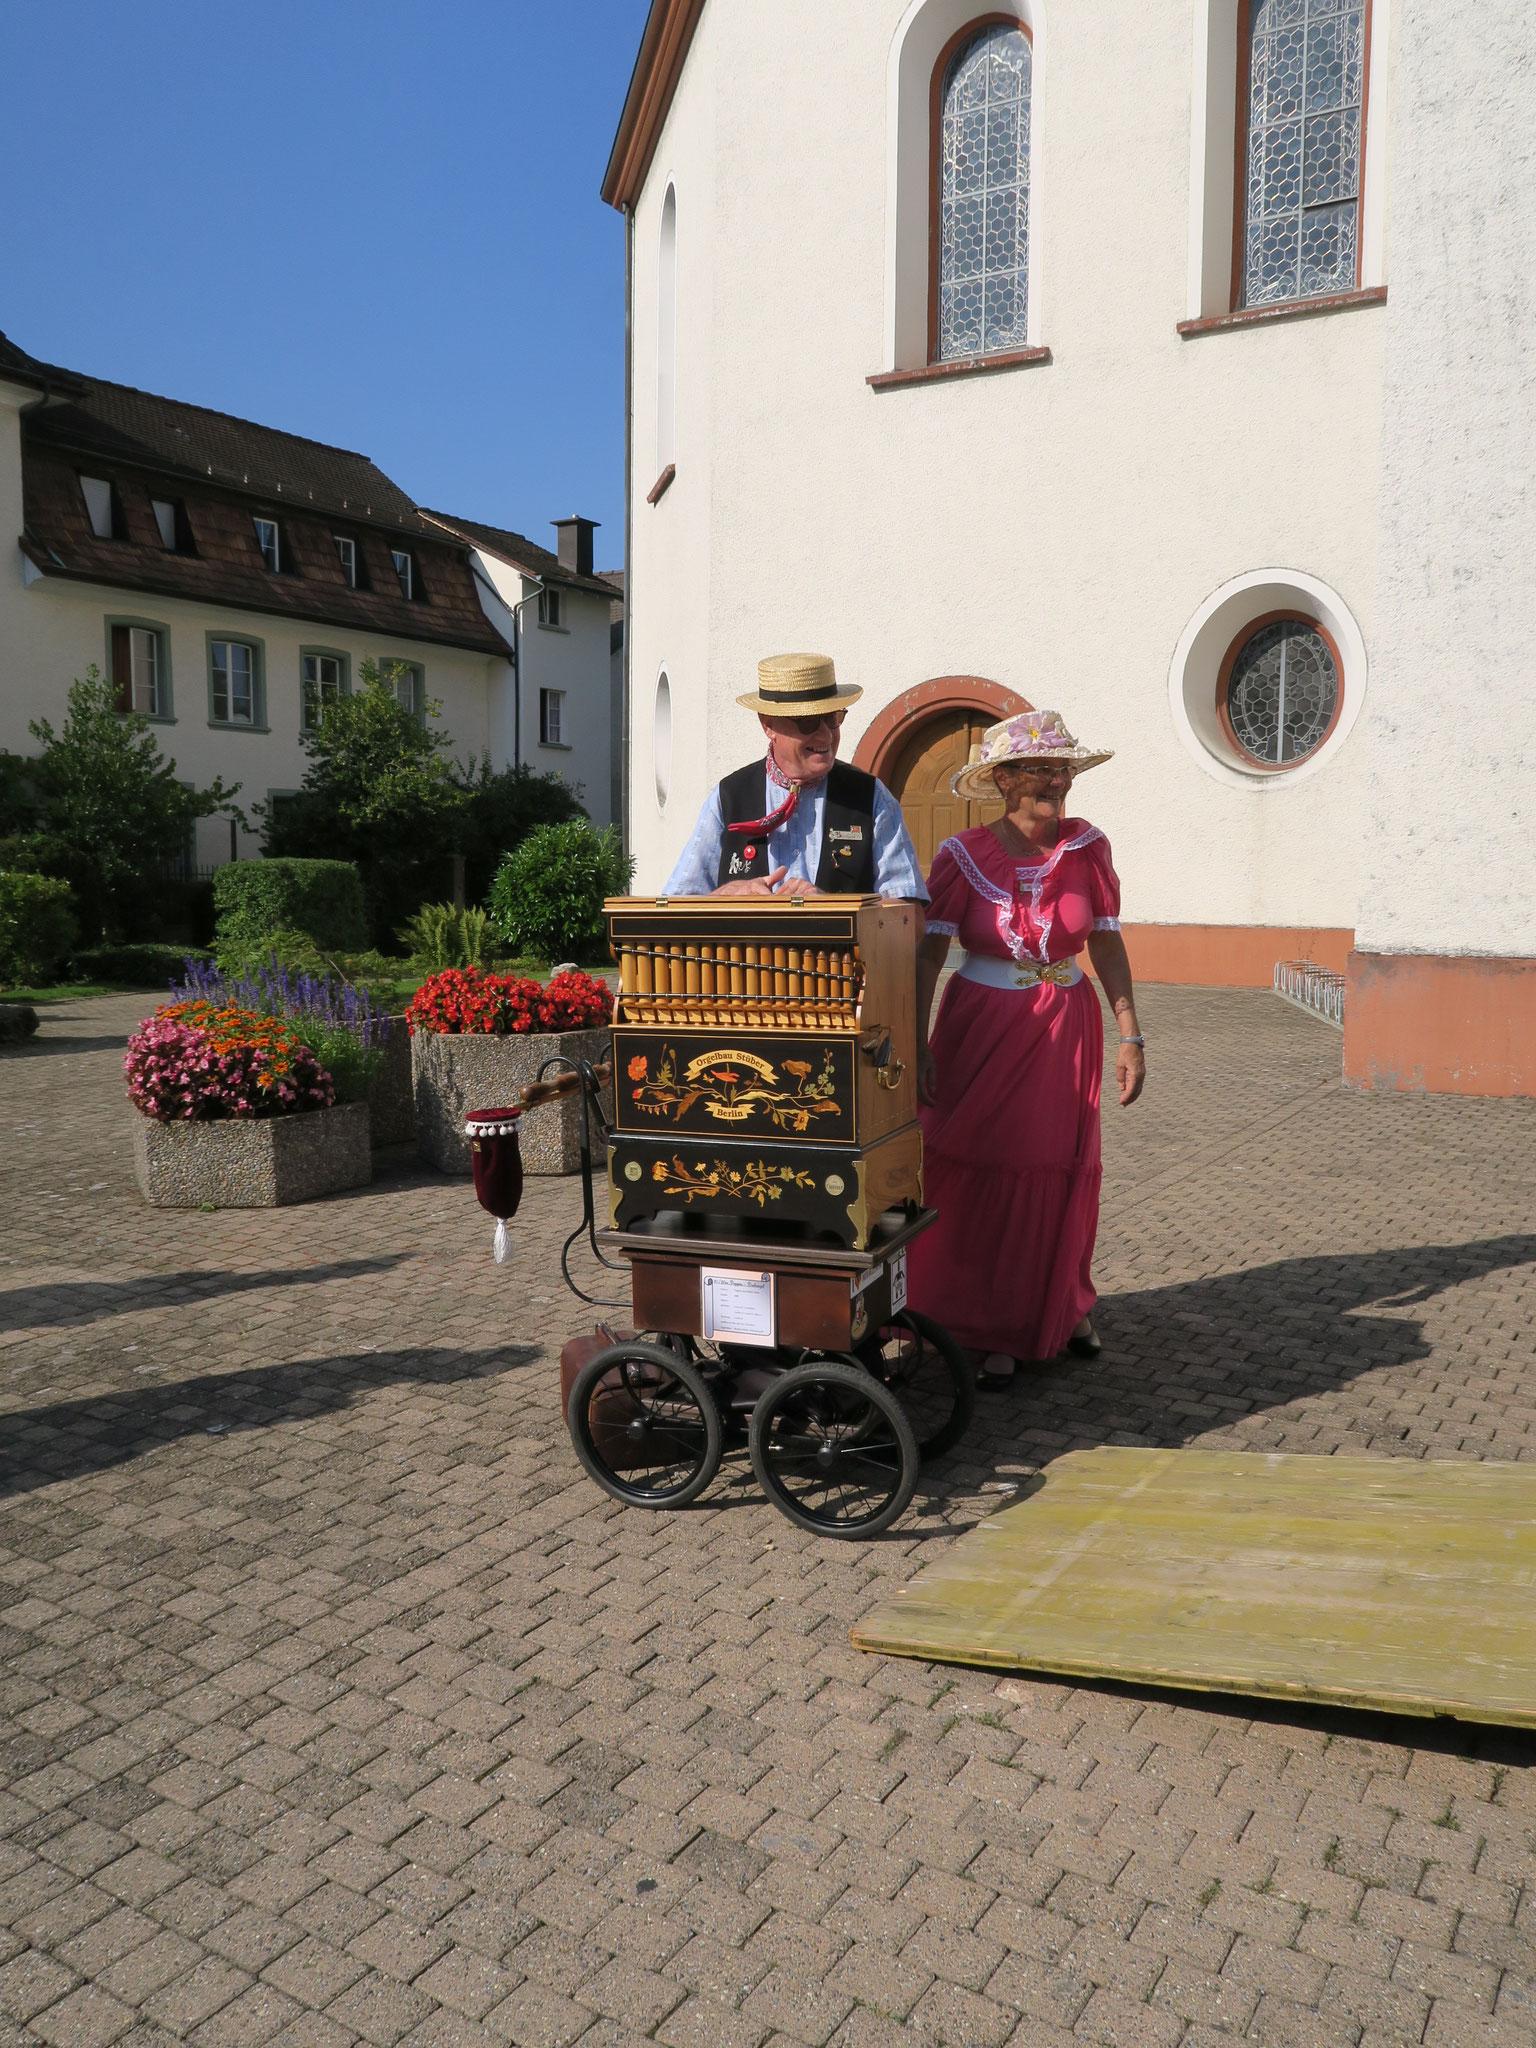 Bernhard Sieber empfangen die Besucher mit Ihren Drehorgelklängen